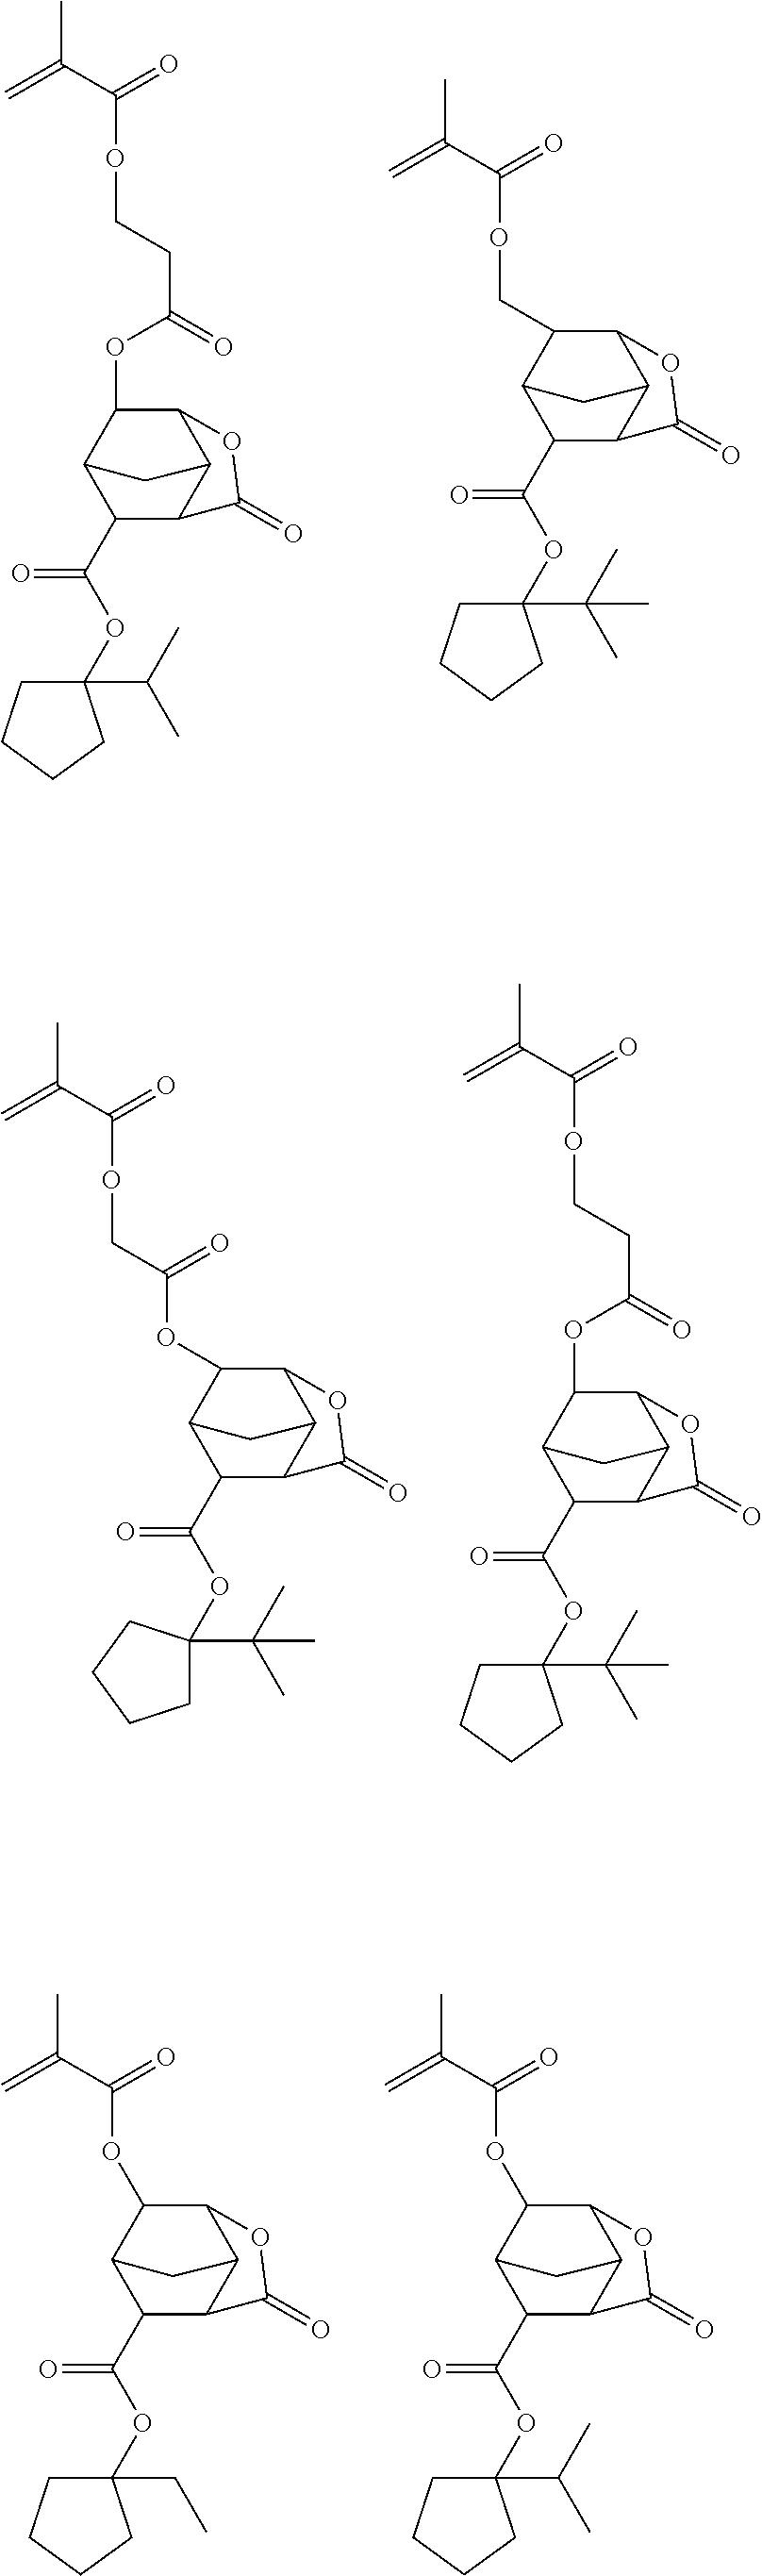 Figure US08822136-20140902-C00072